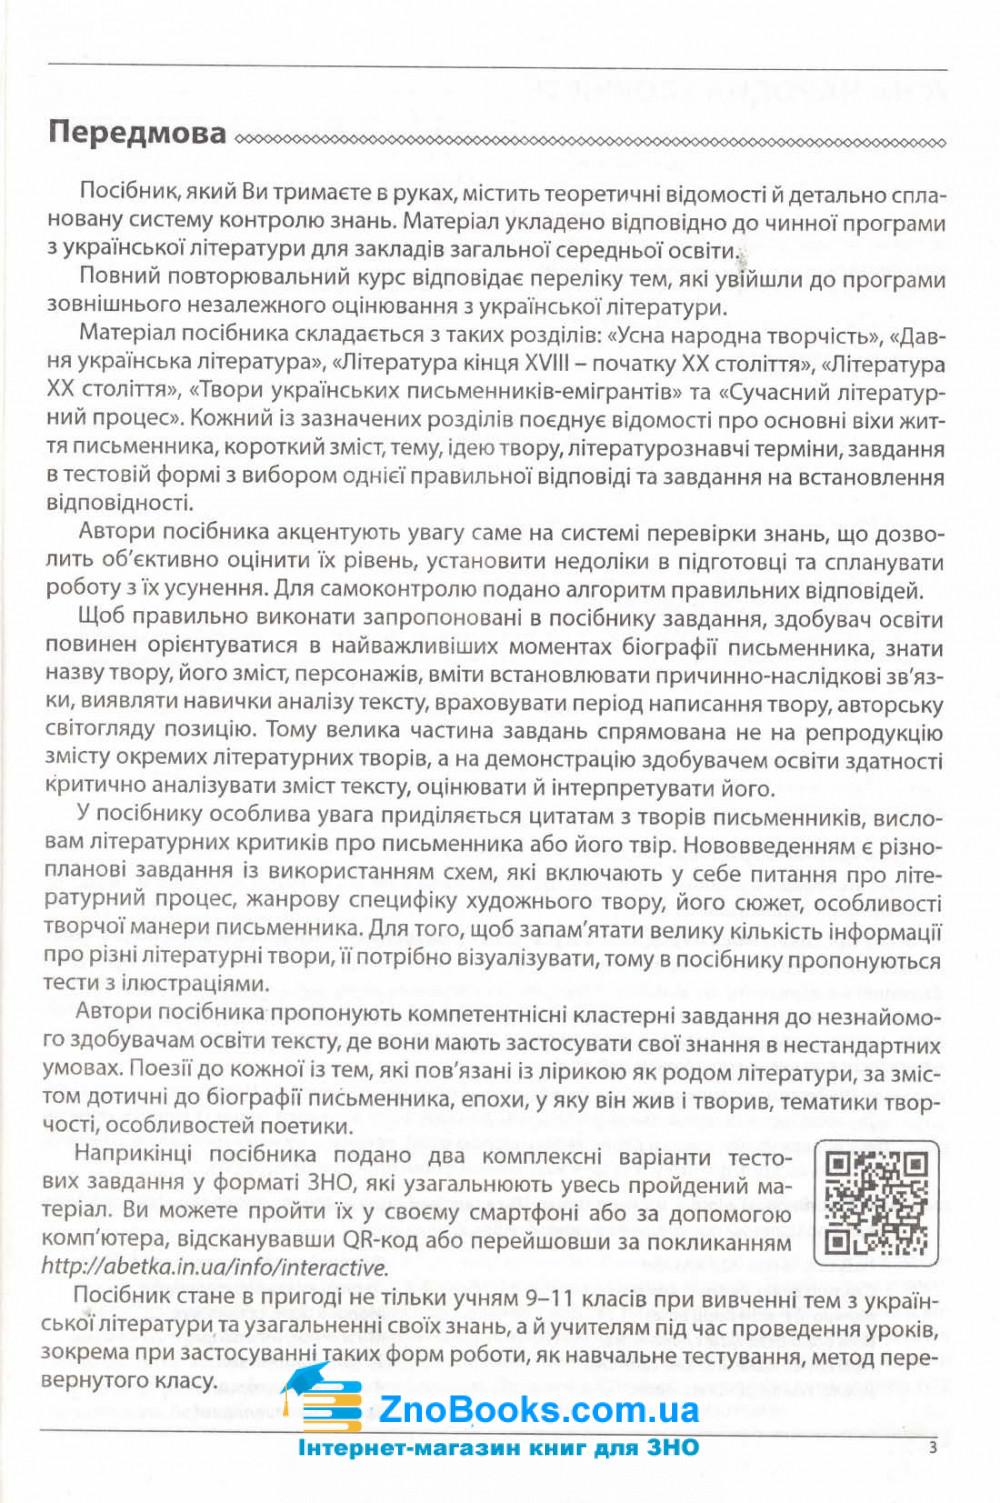 Українська література. Комплексне видання ЗНО 2022 : Куриліна О., Пристай Л. Абетка. 3